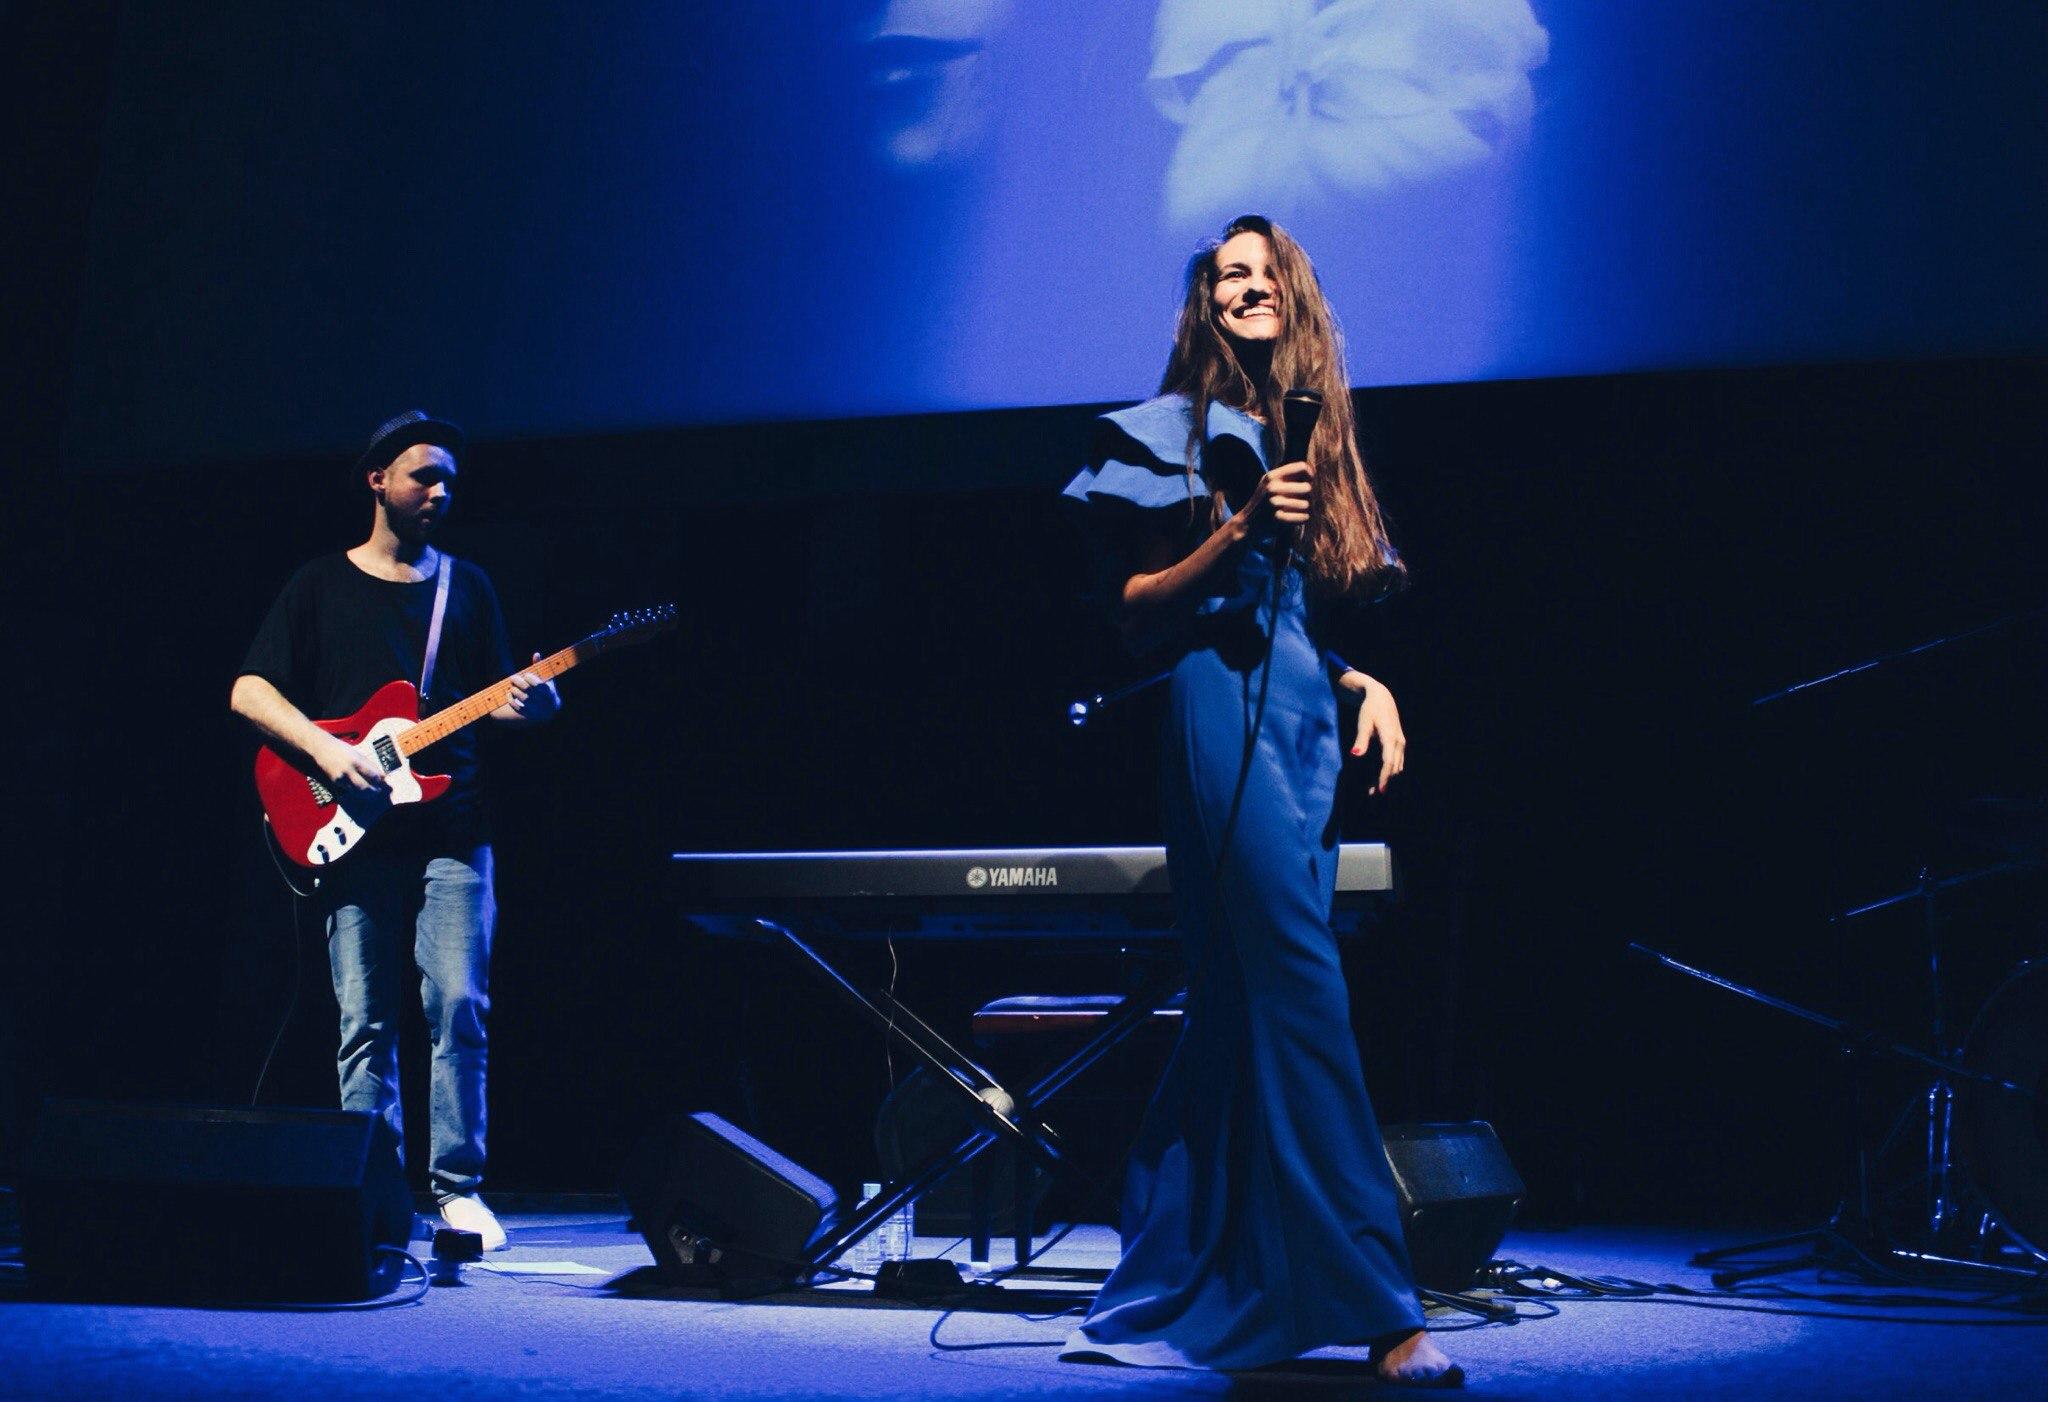 Мария Чайковская Мария Чайковская Певица Мария Чайковская: «Музыка дает ощущение, что в жизни все на своем месте» 212